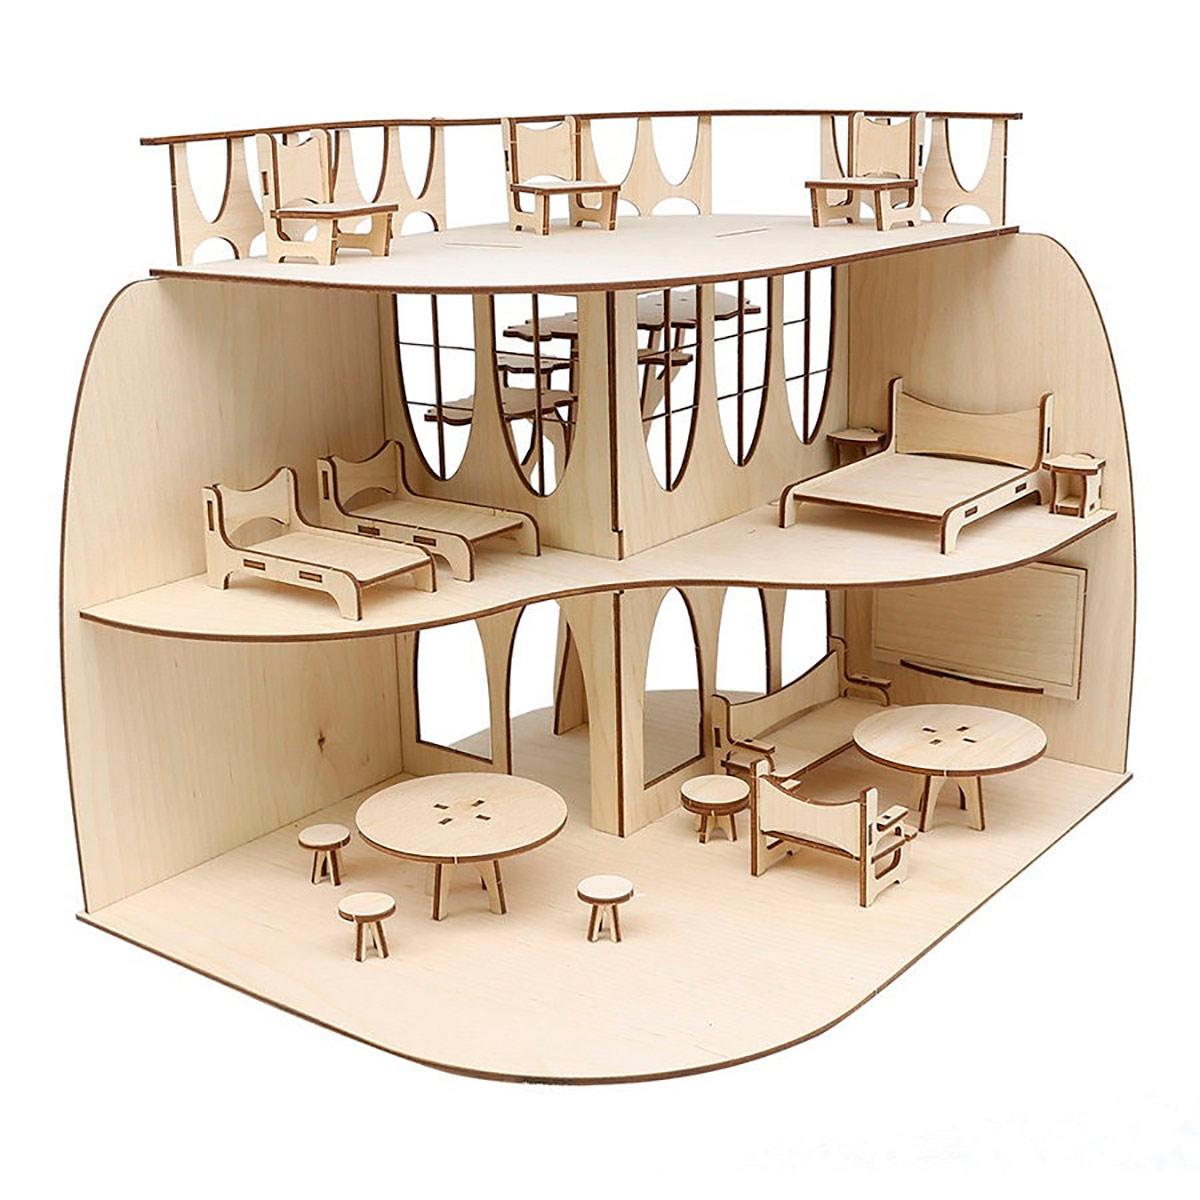 L-1127 Деревянная заготовка Дом с мебелью 60*30см АСТРА